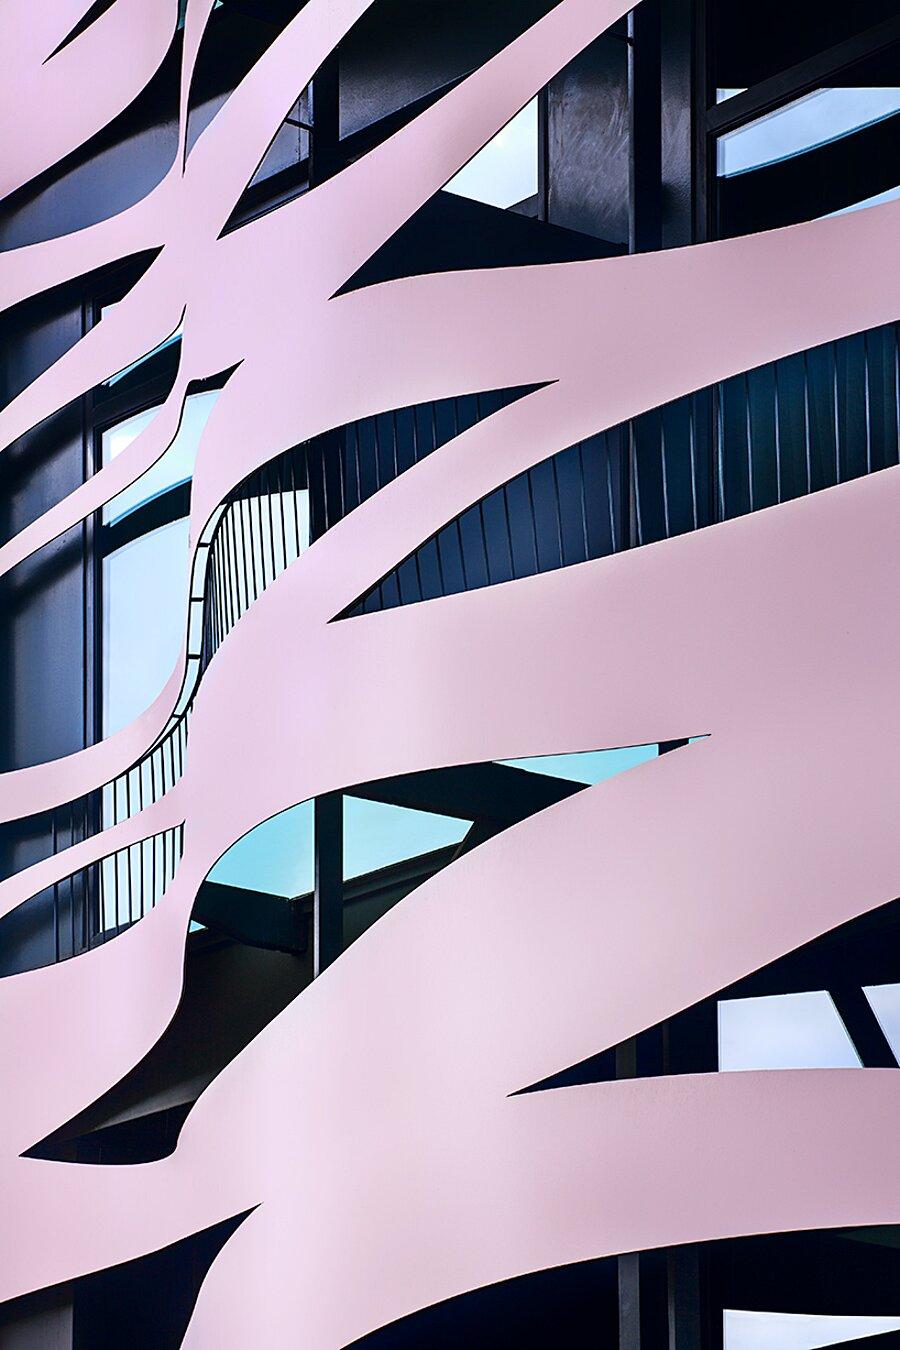 fotografia-architettura-barcellona-david-cardelus-11